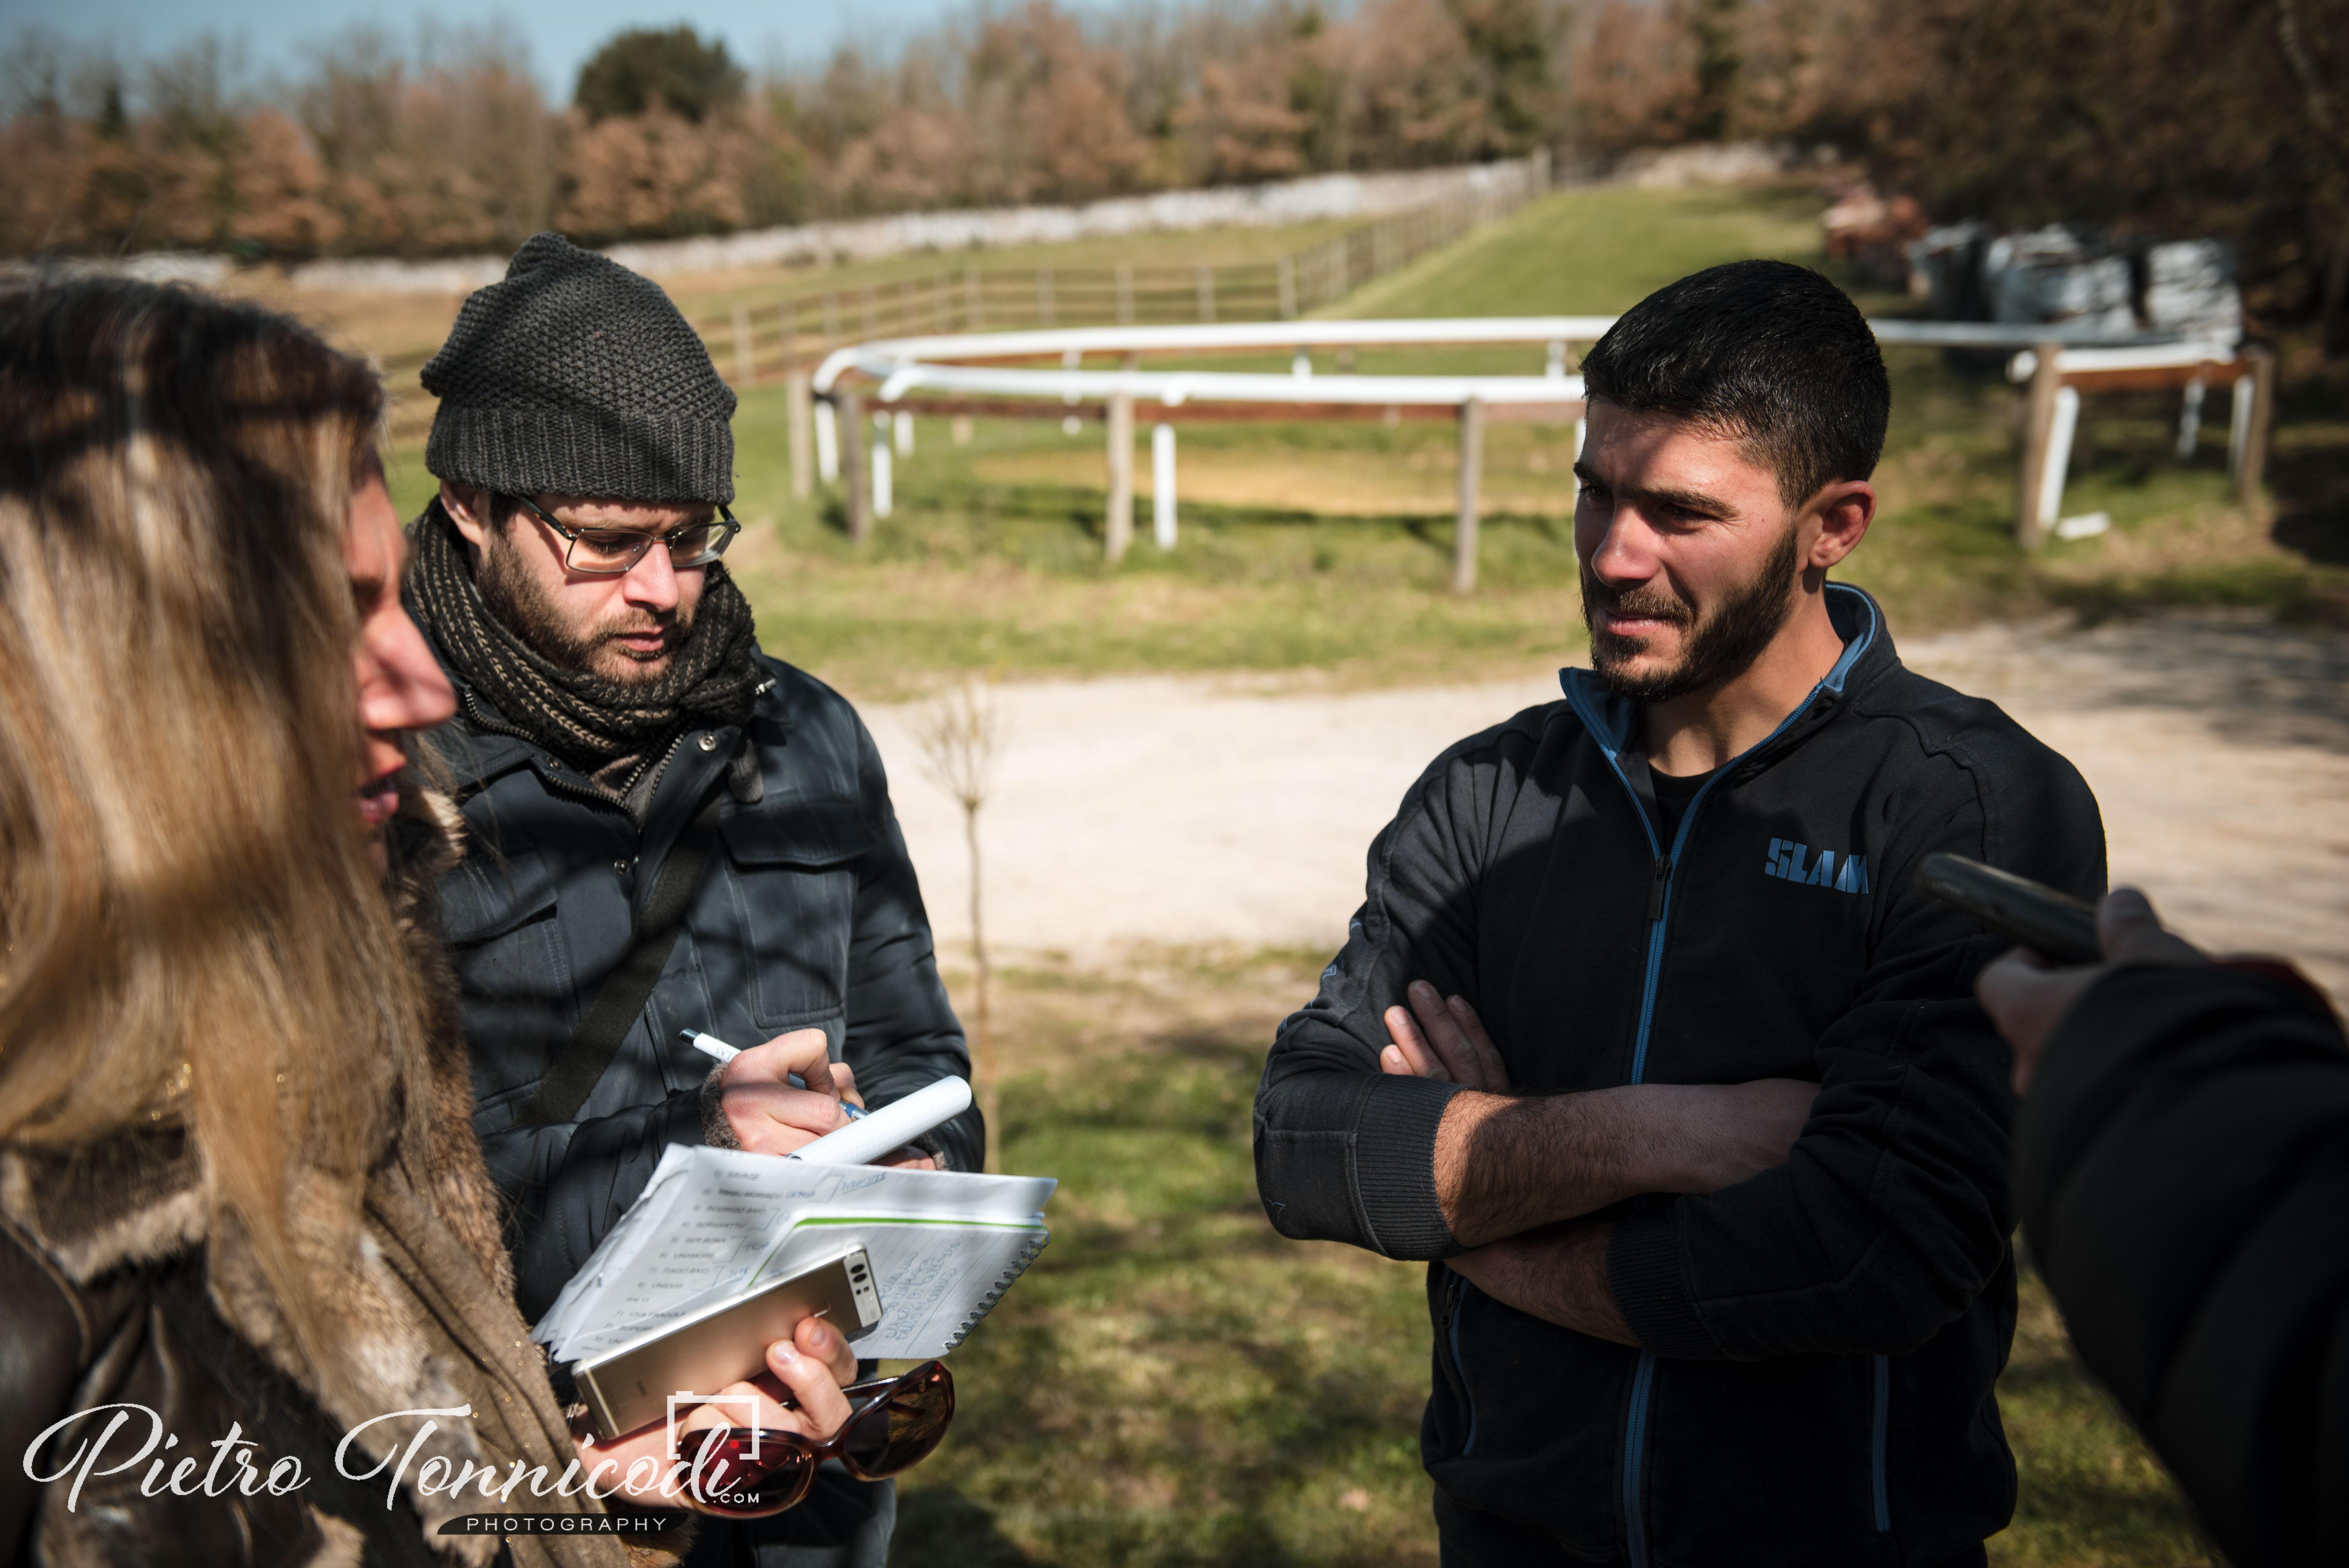 Corse a Legnano: in evidenza Federico Arri e Sebastiano Murtas